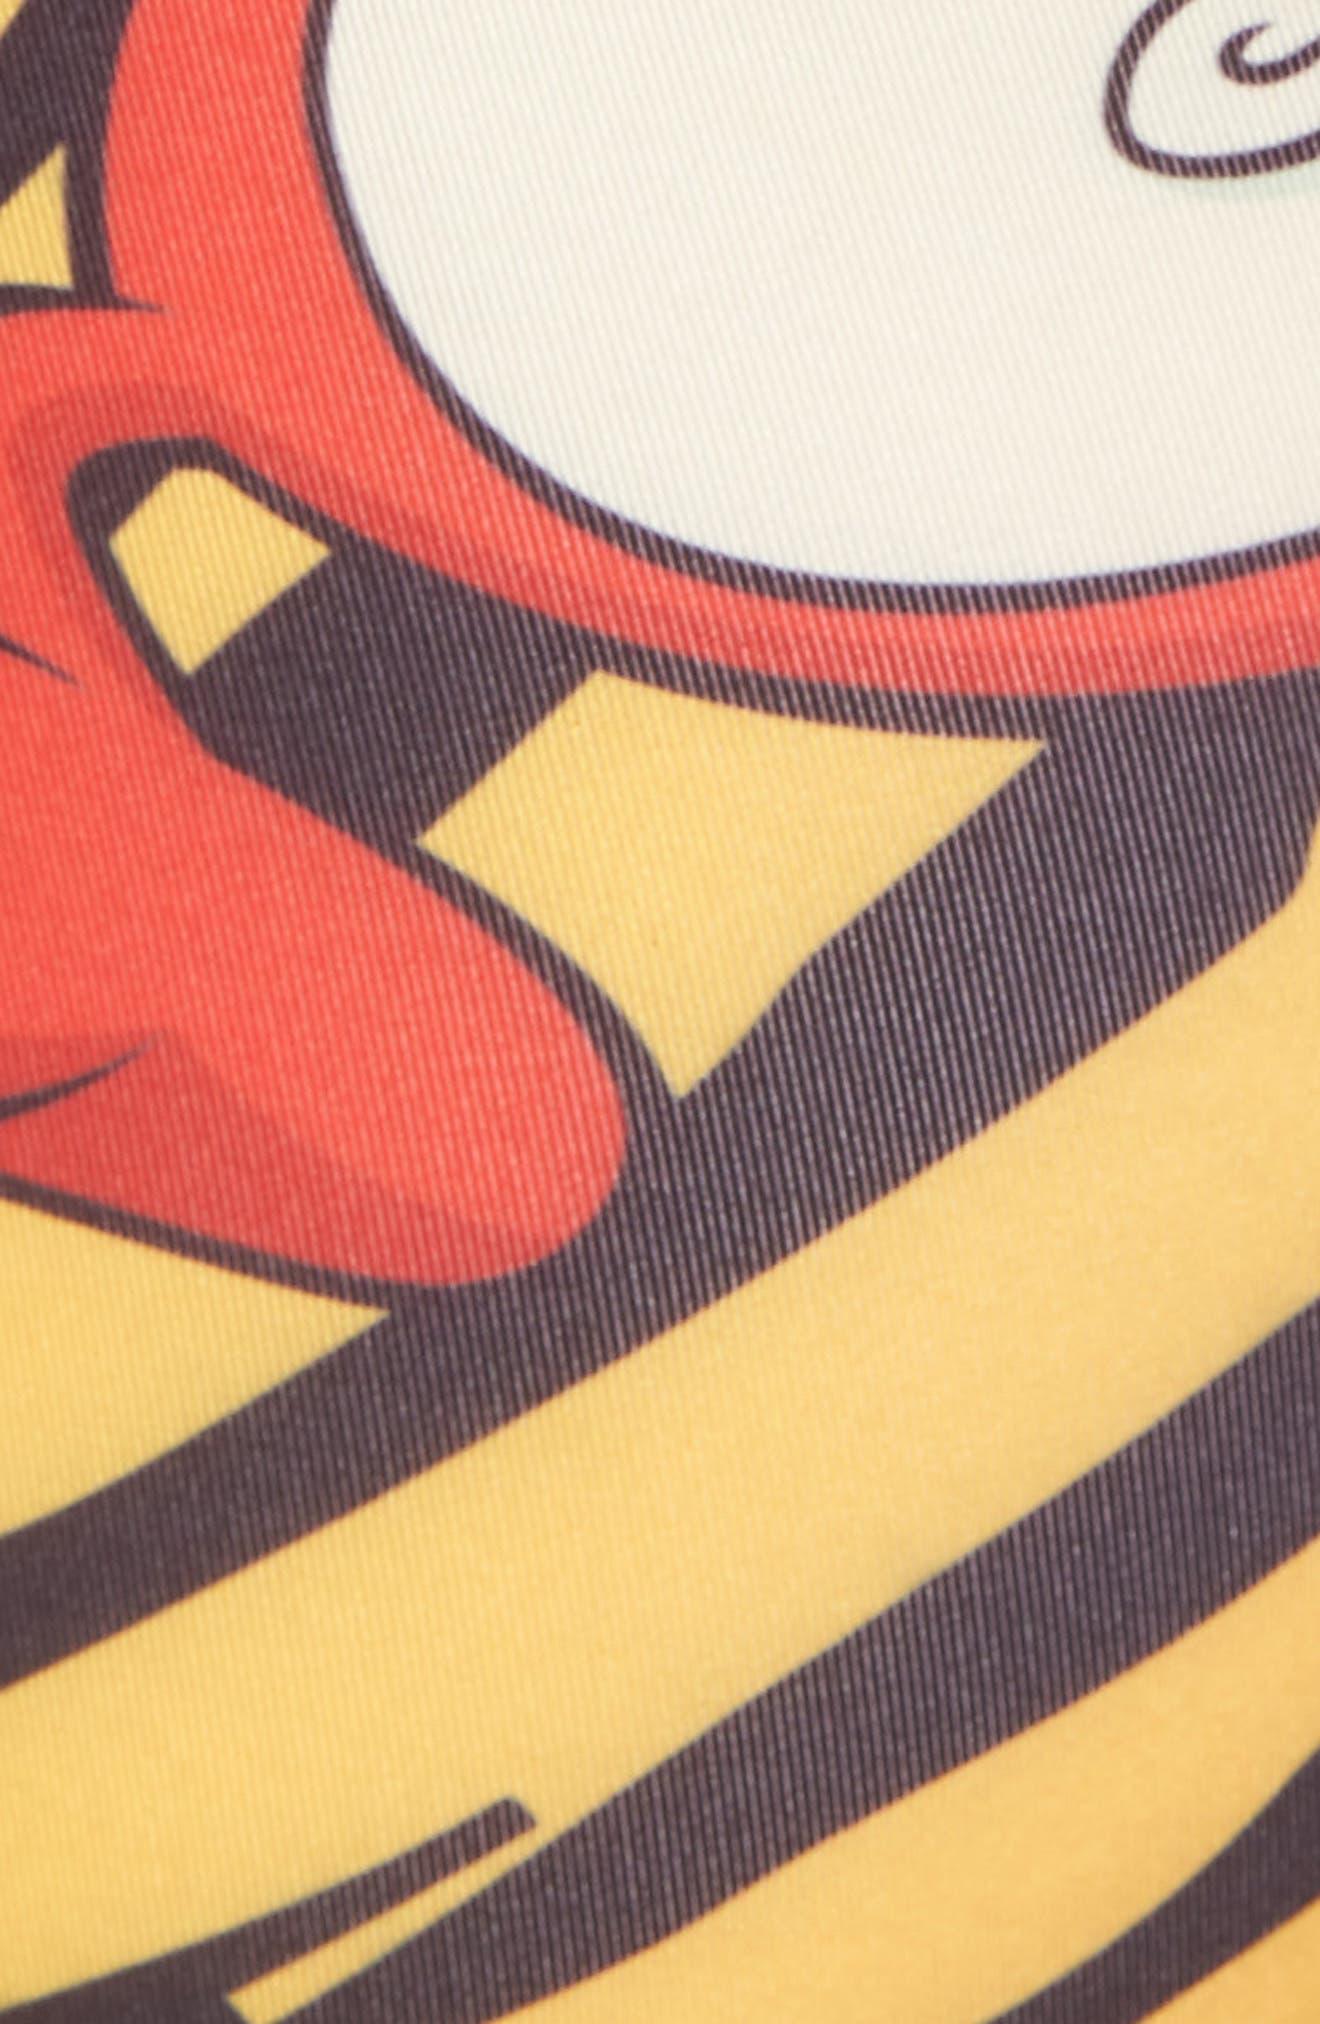 Ren & Stimpy Boxer Briefs,                             Alternate thumbnail 5, color,                             Orange